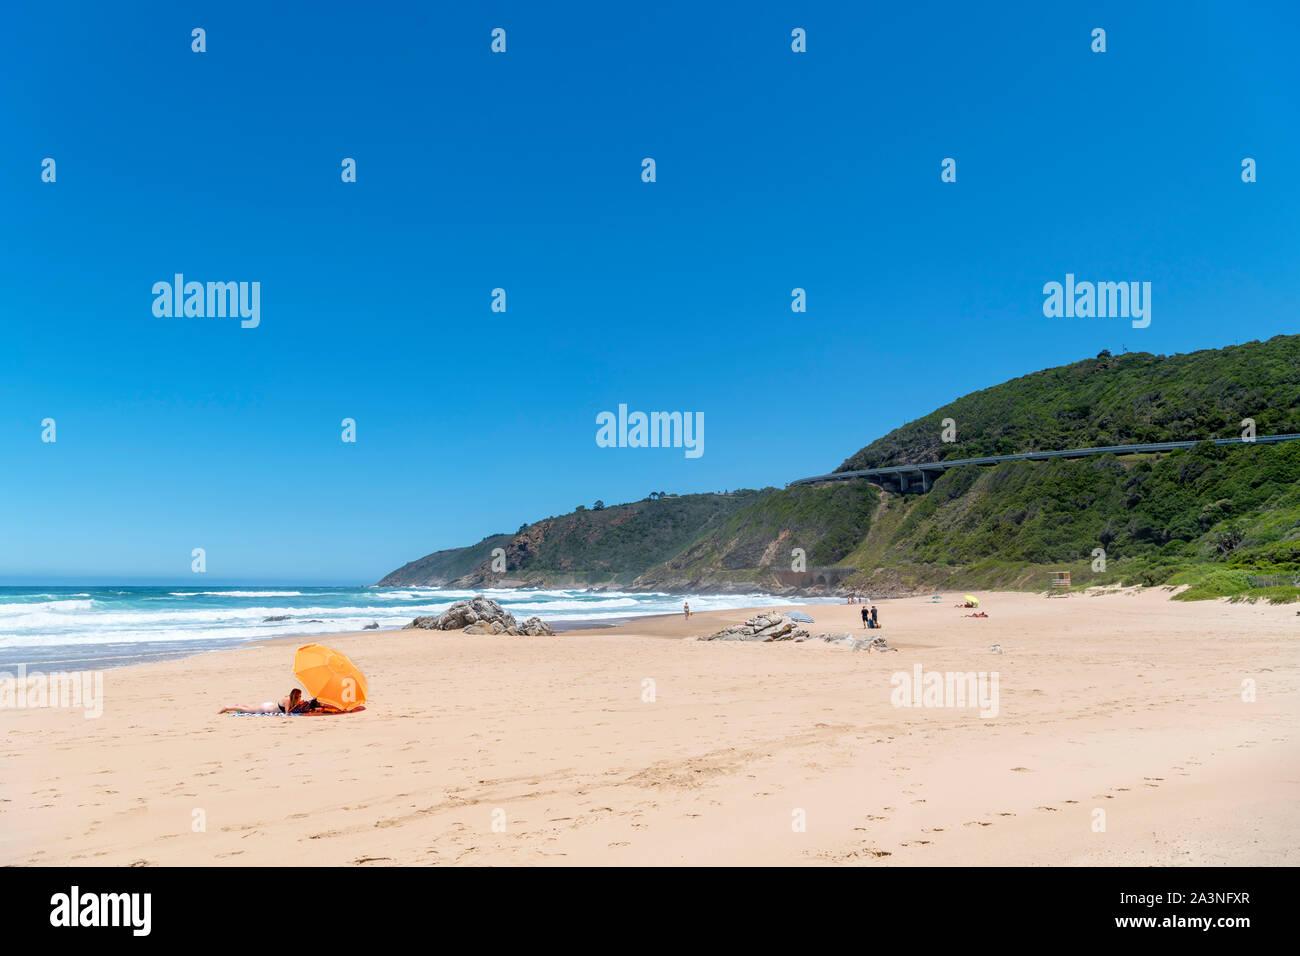 La playa en el desierto, la Garden Route, Western Cape, Sudáfrica Foto de stock